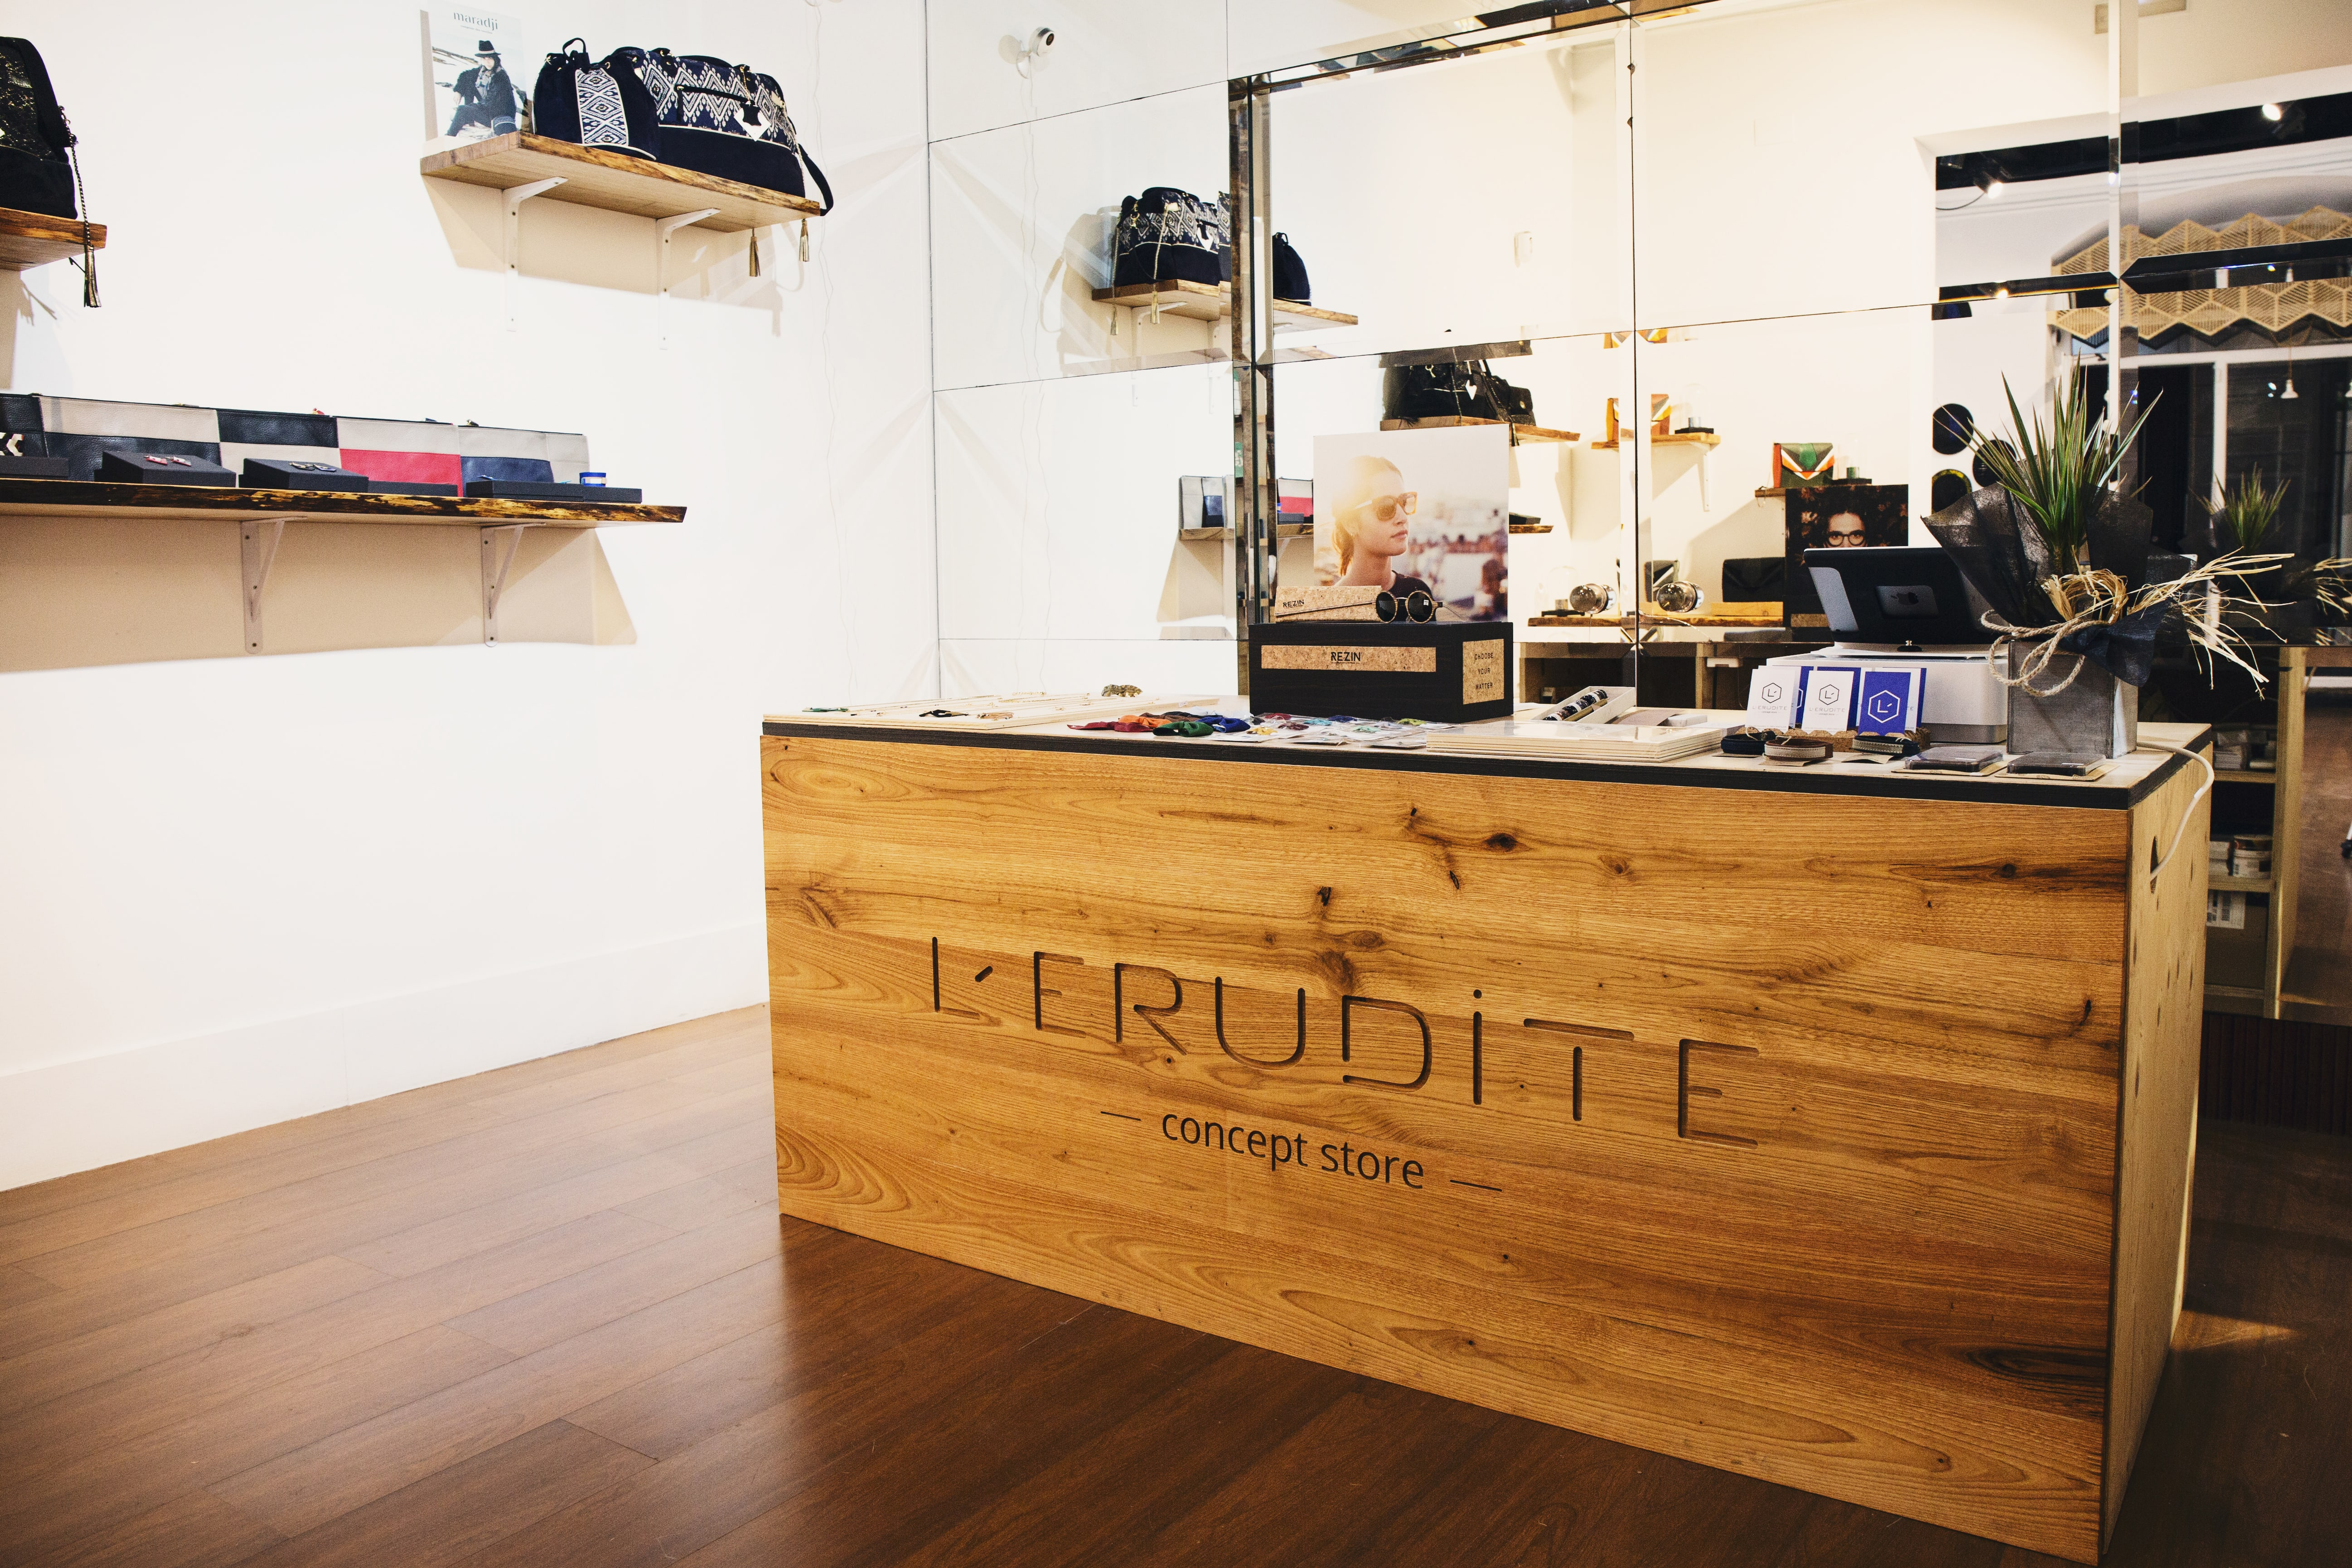 Developpement de la marque lerudite concept store